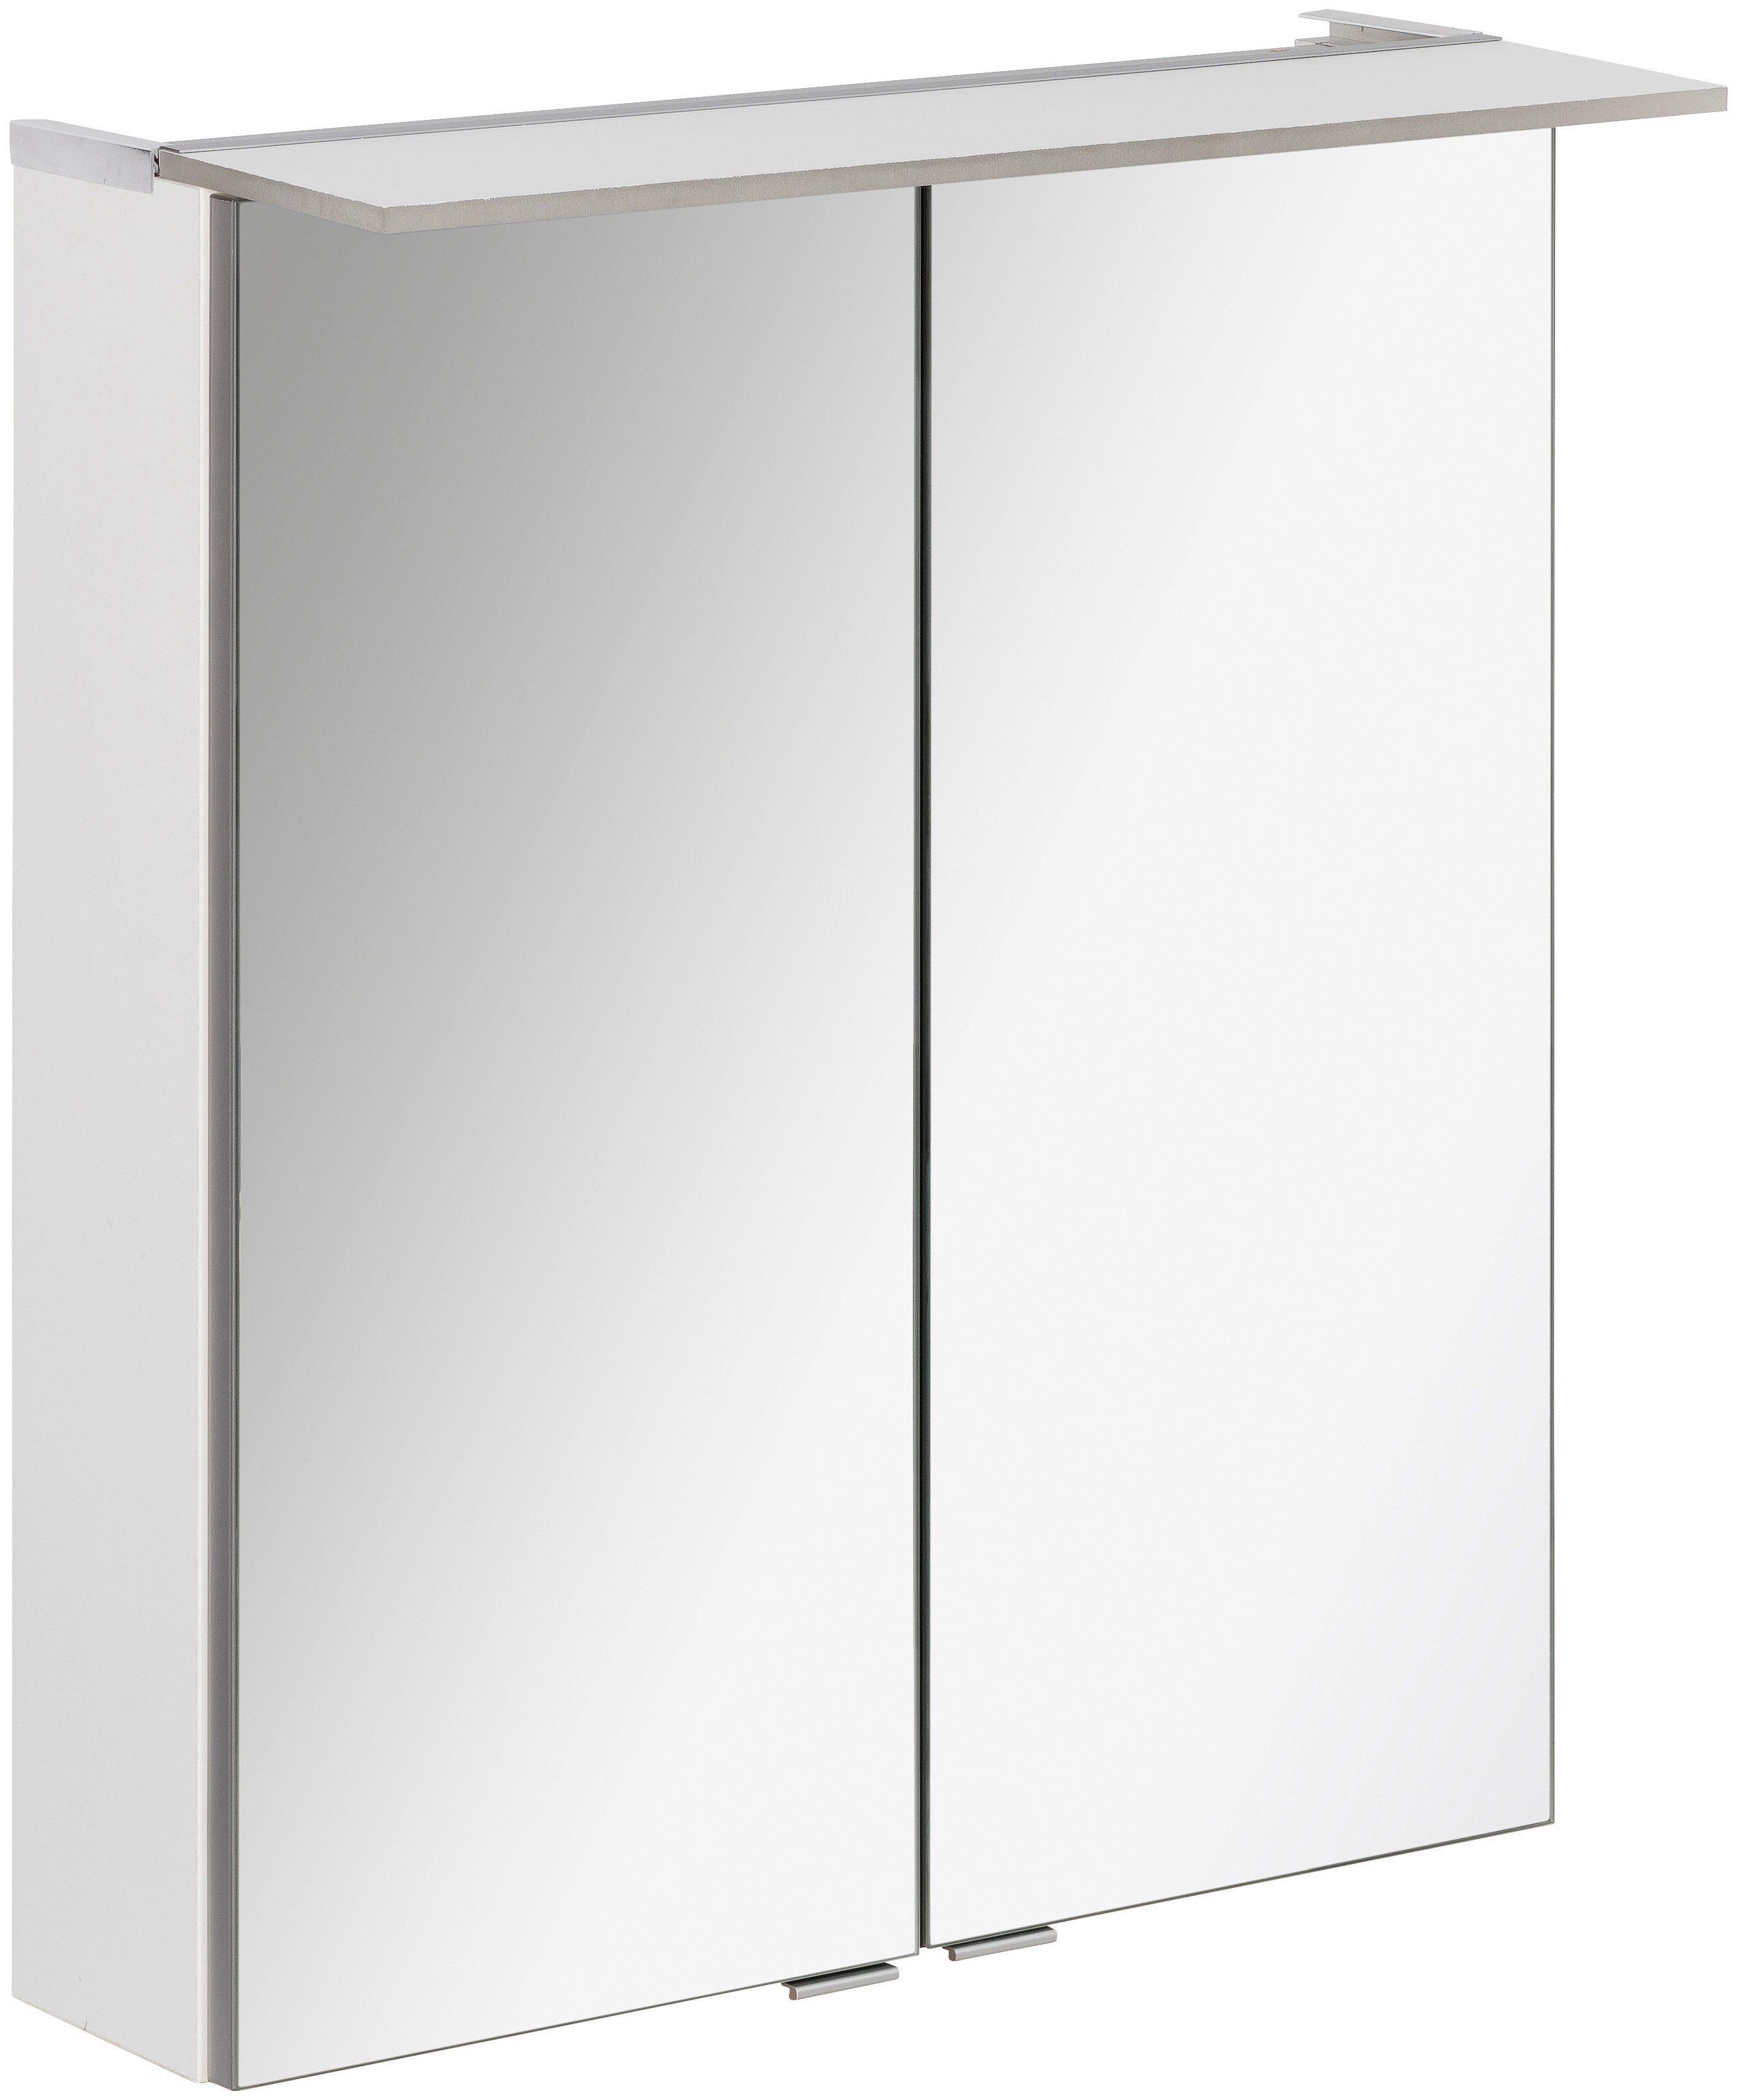 FACKELMANN Spiegelschrank »PE 60 - weiß«, Breite 60 cm, 2 Türen